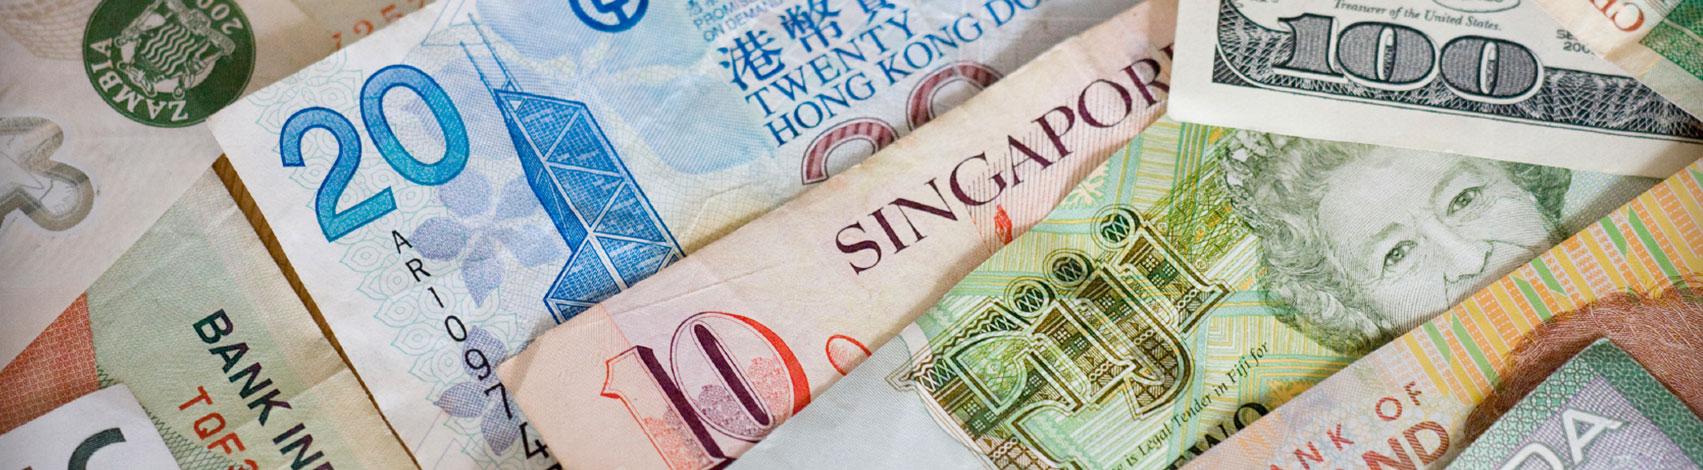 Insurance & Finance Translation Service